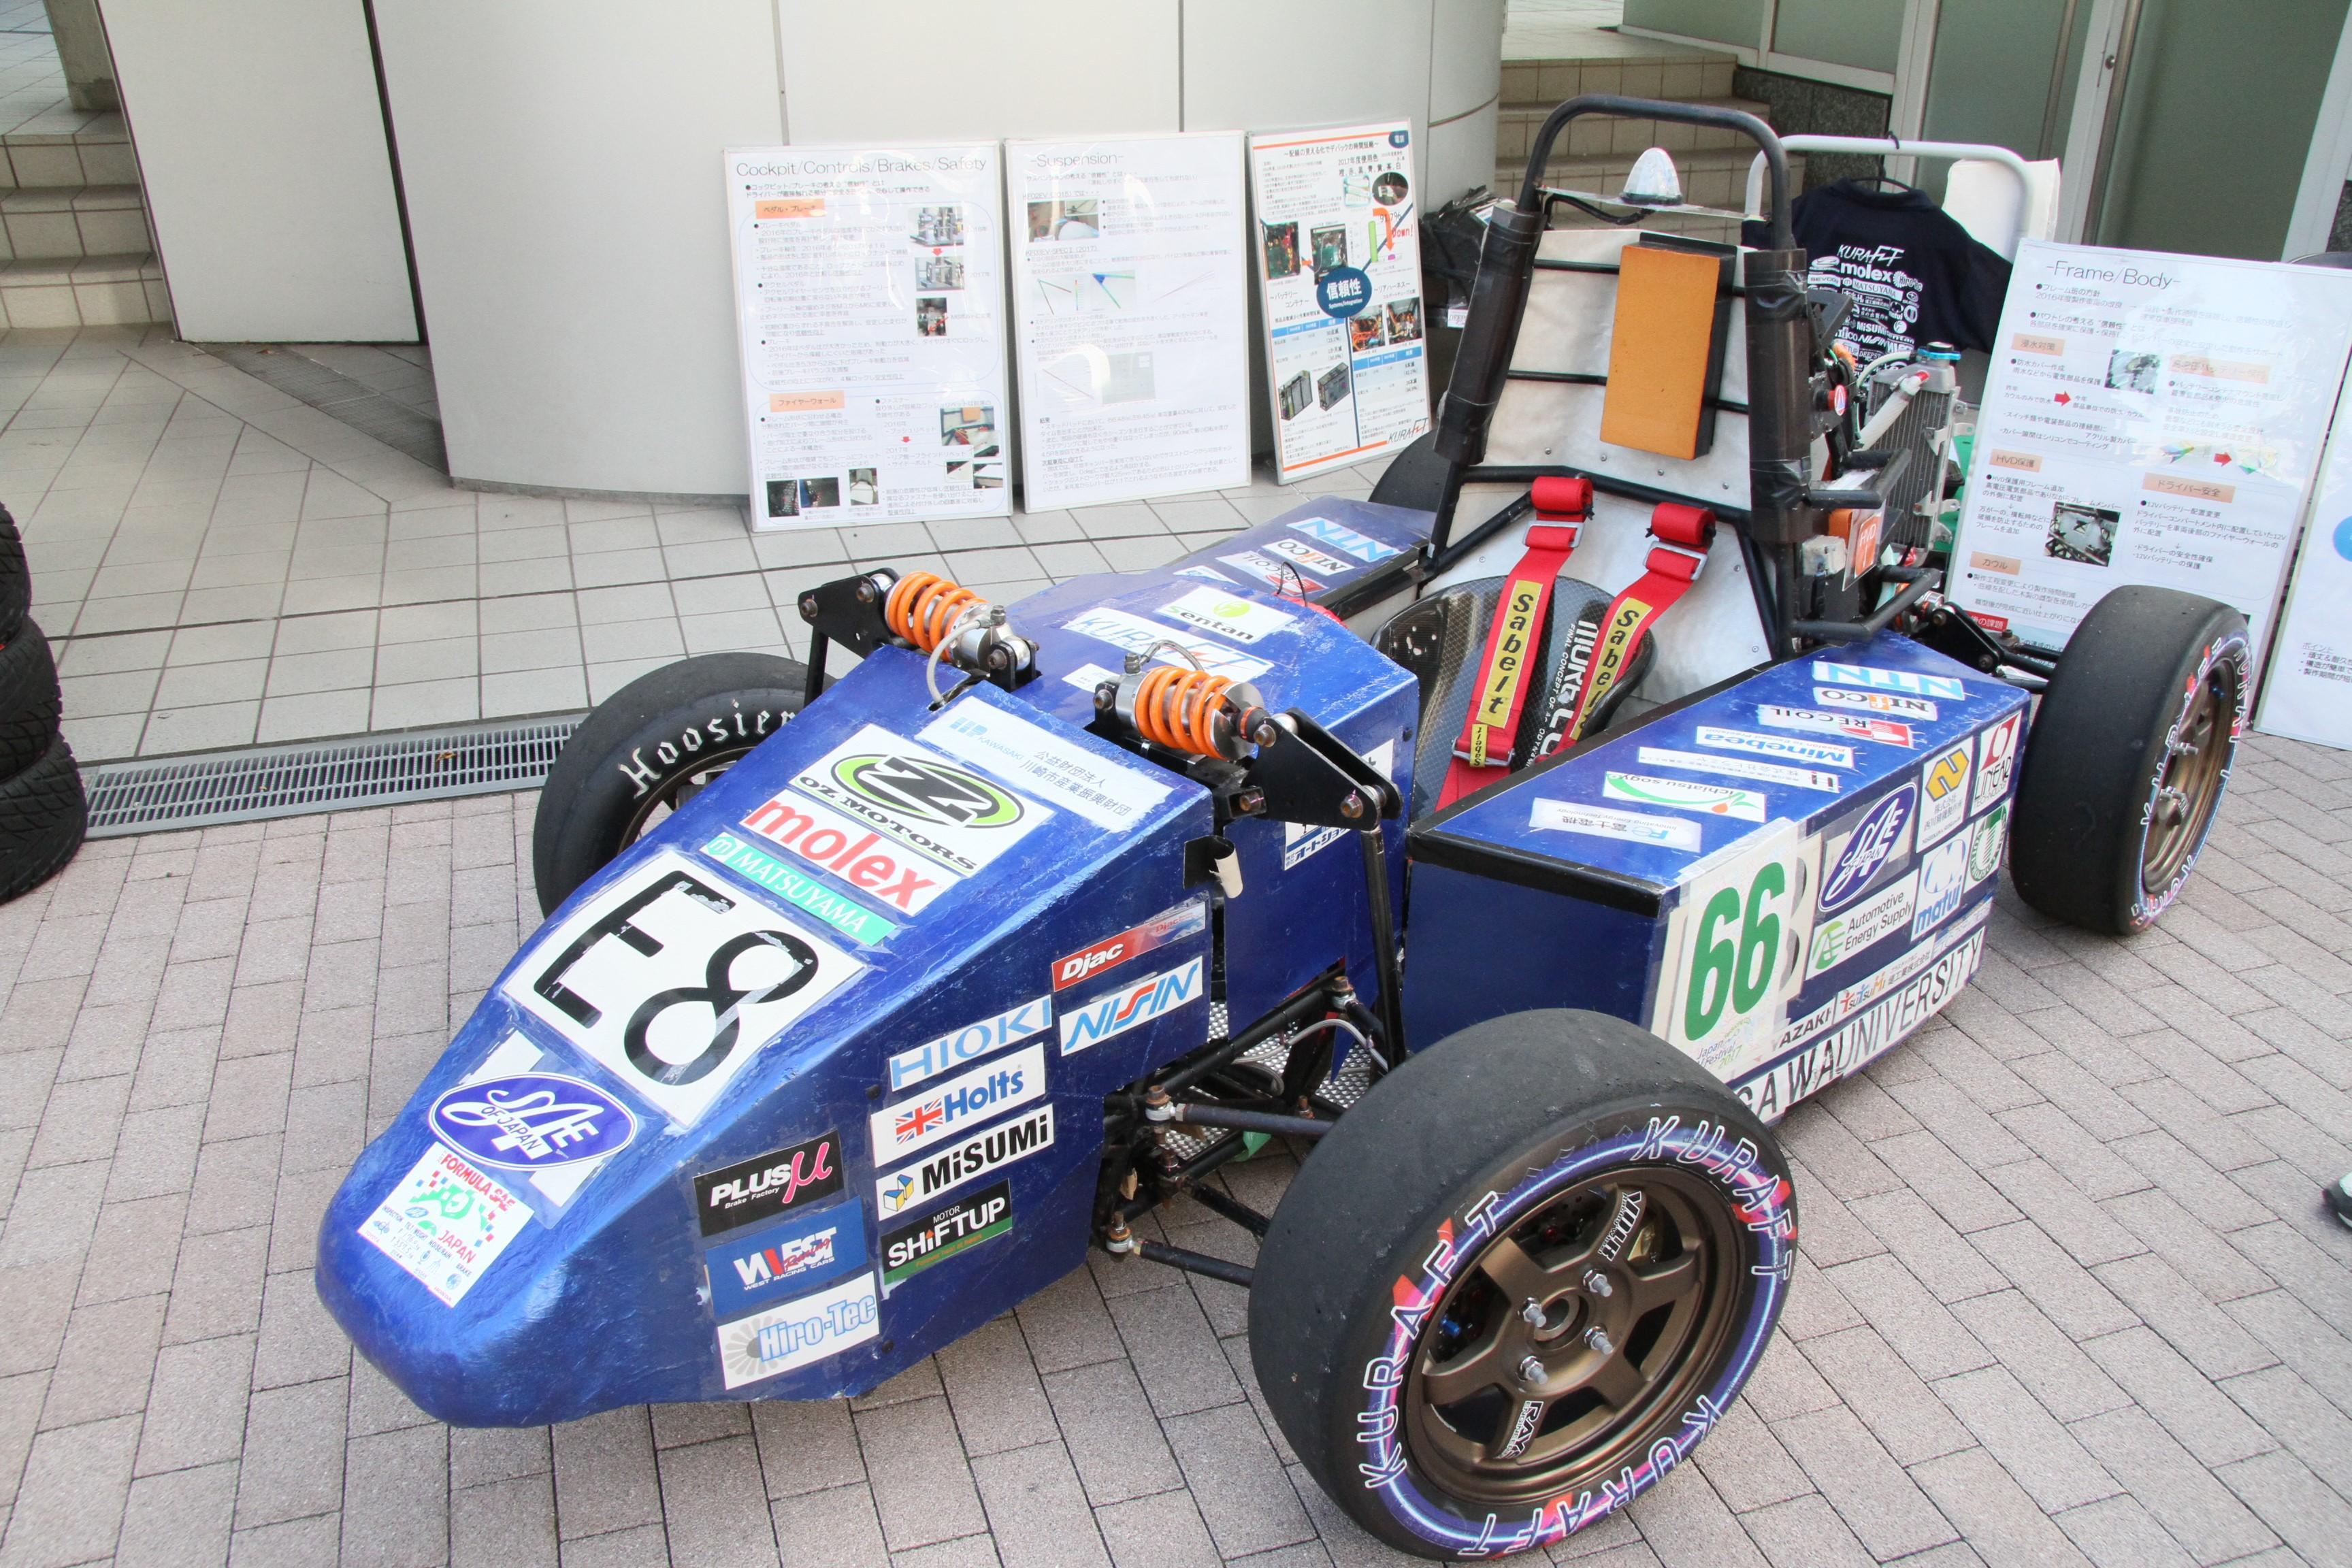 神奈川大学 テクノフェスタ2019「くらしと環境の未来 -- エネルギーの地産地消に向けて -- 」開催のお知らせ